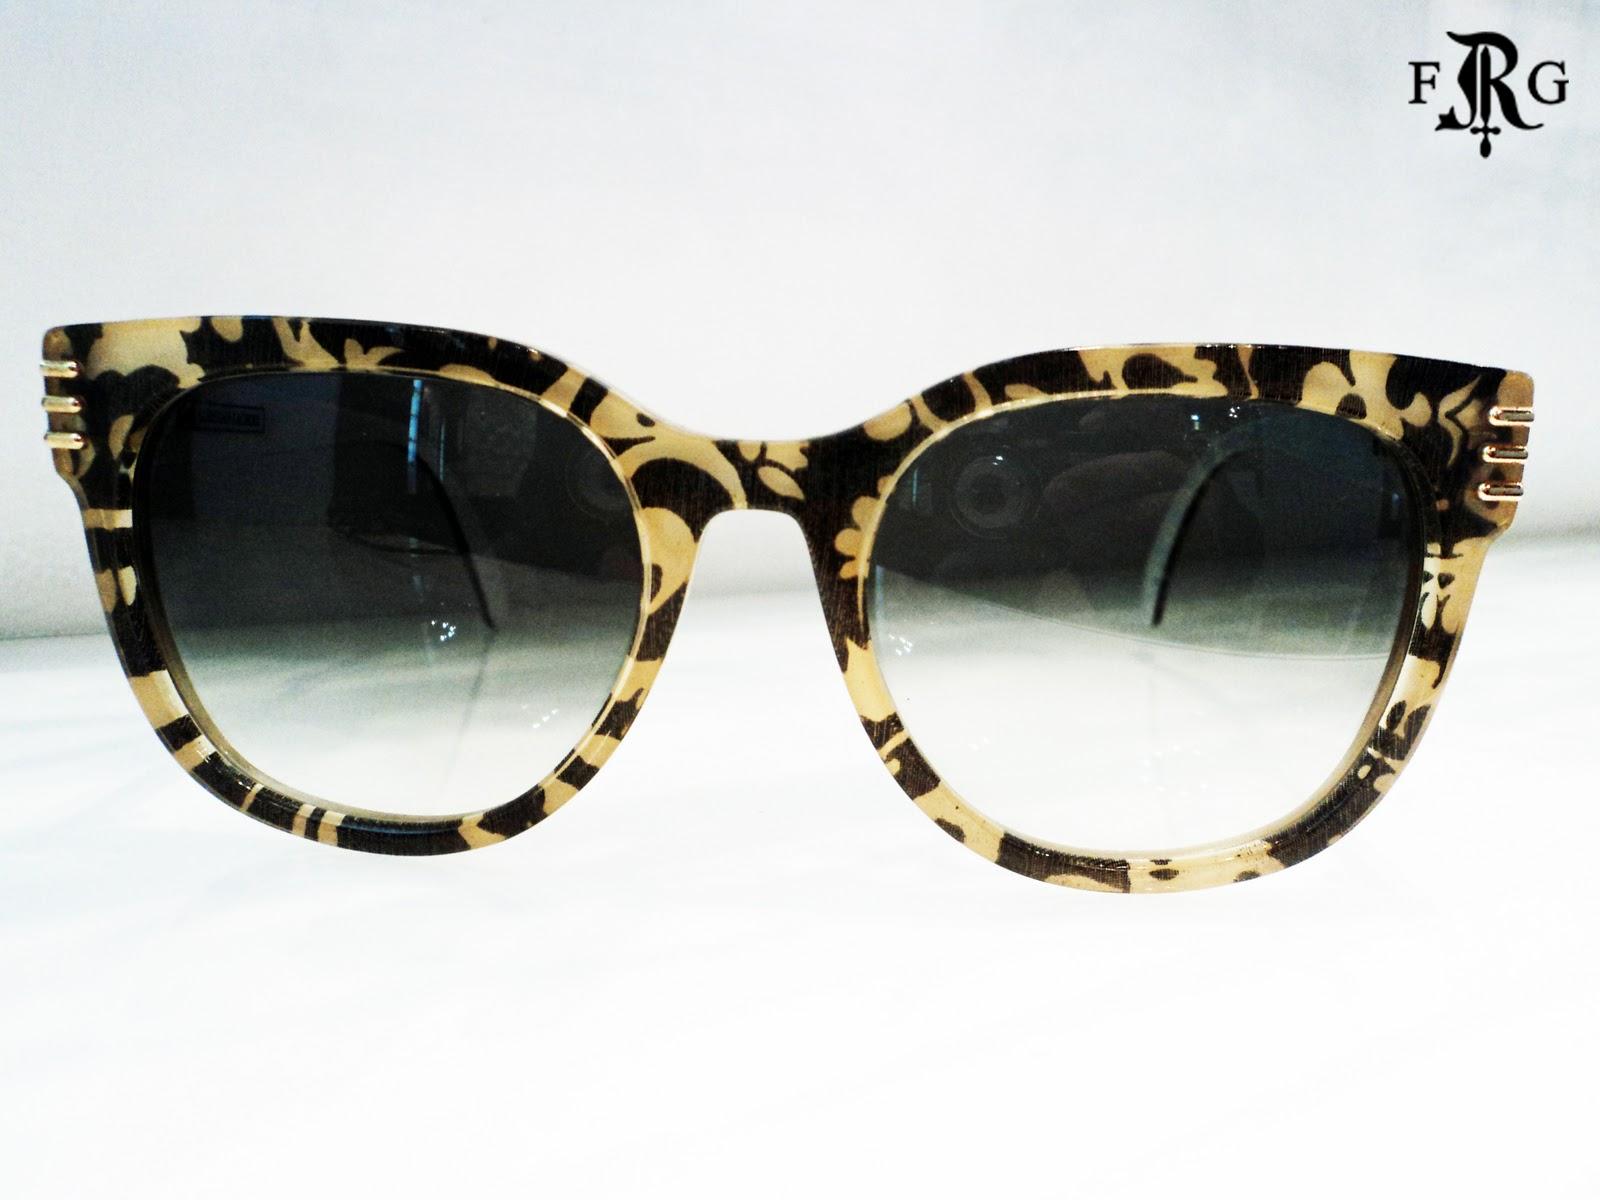 6856164280a382 Franklin Optique - Opticiens Parisiens  FRG aime les lunettes vintages